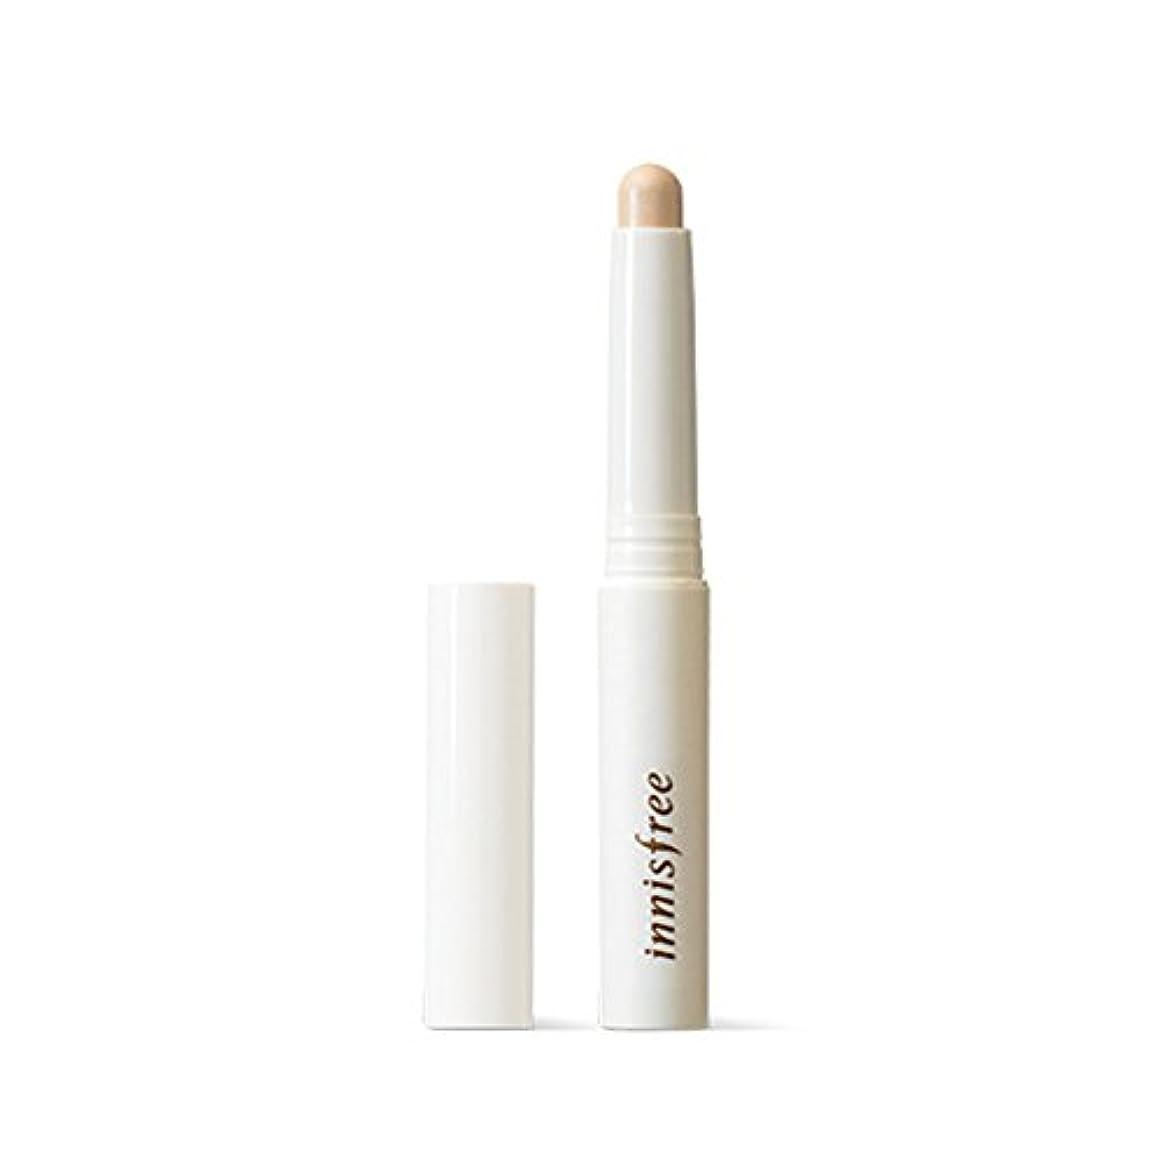 イニスフリーミネラルスティックコンシーラー2g Innisfree Mineral Stick Concealer 2g [海外直送品][並行輸入品] (#1. Light Beige)